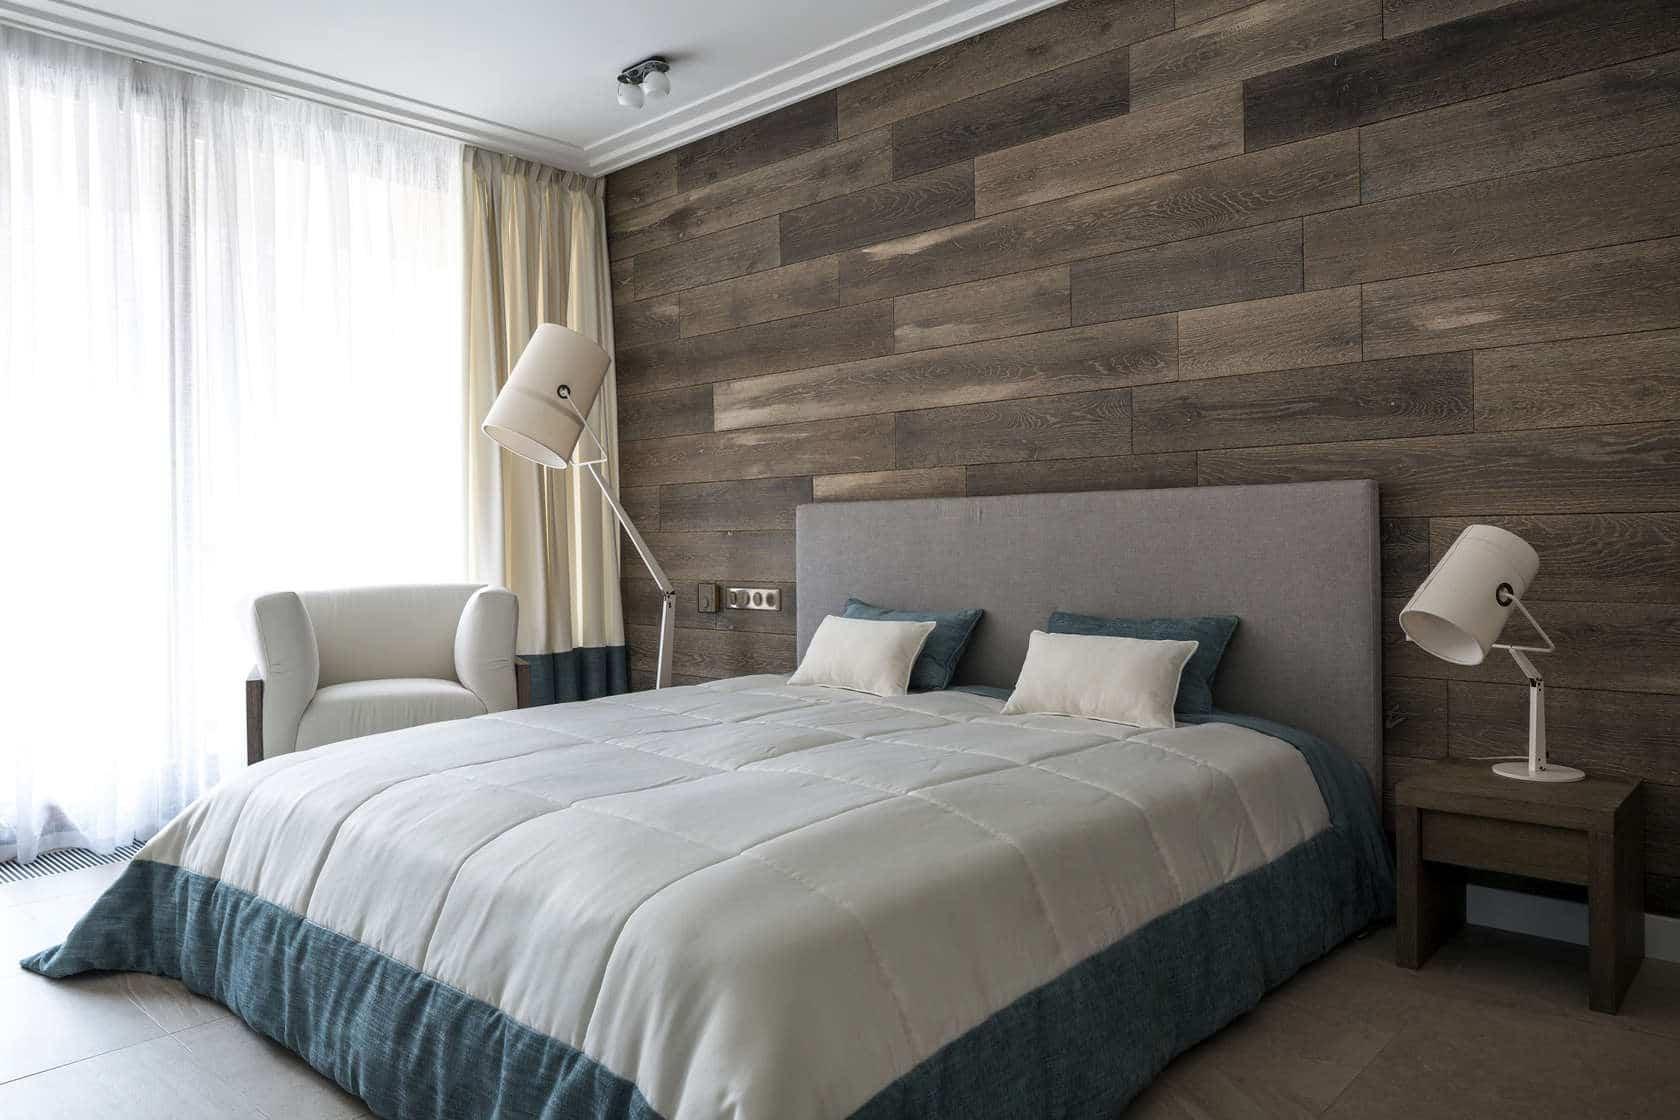 decoracion de interiores madera rustica:de casa de madera de dos pisos, moderna y armoniosa estructura de